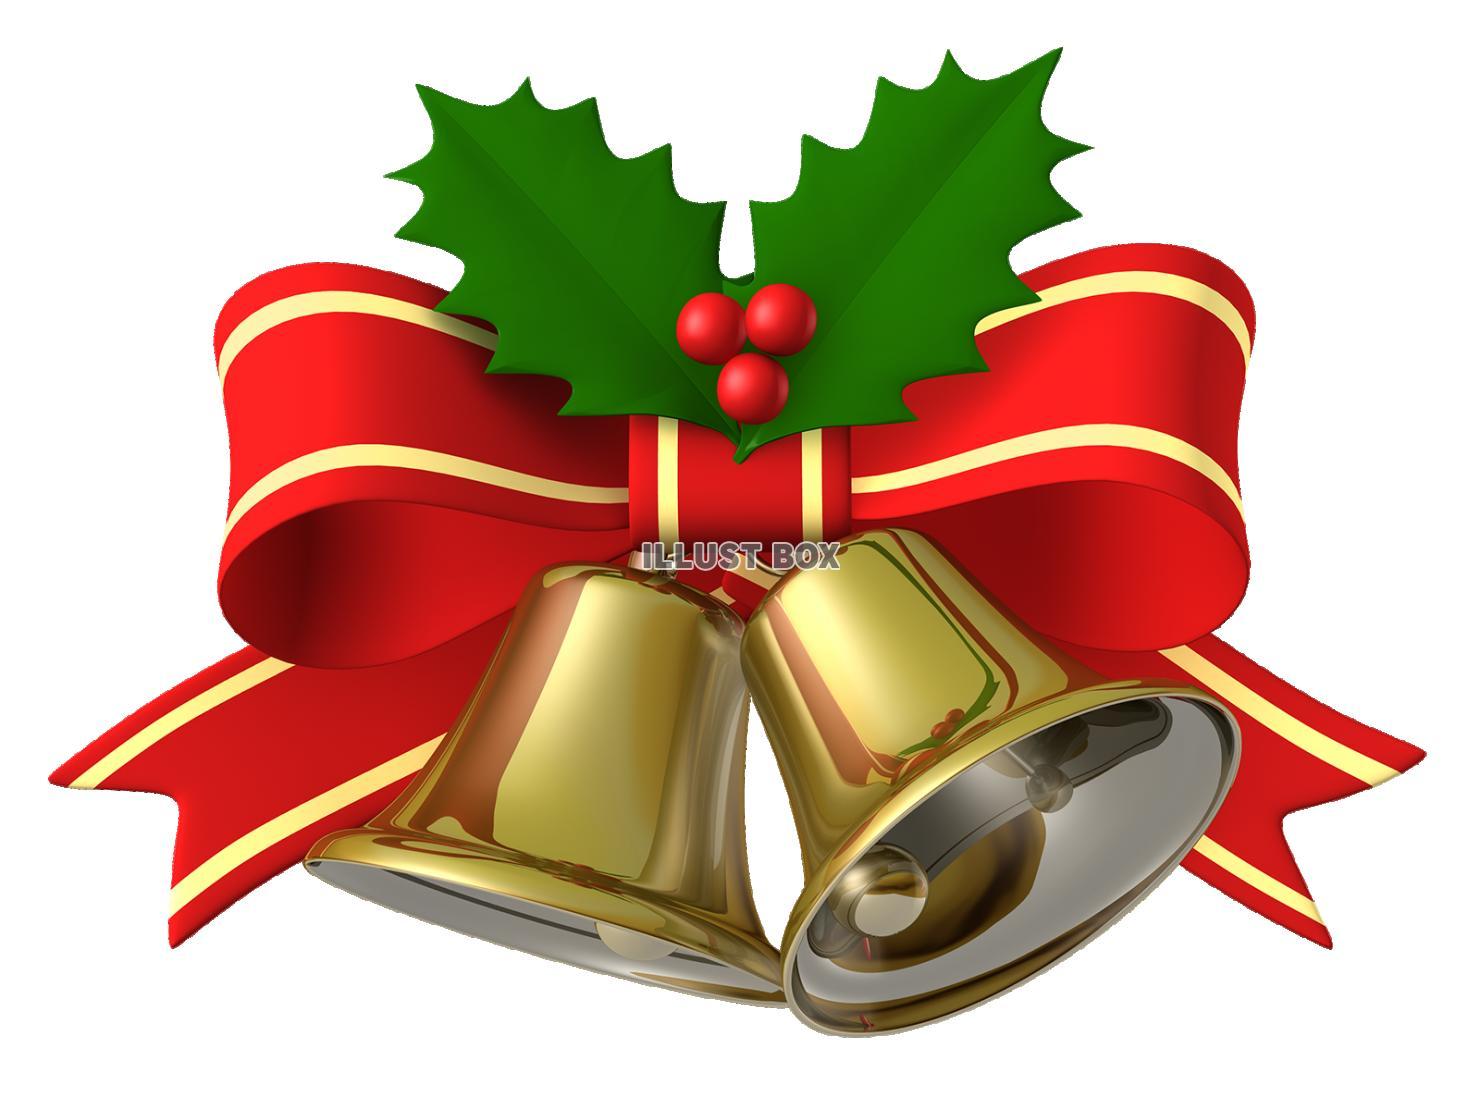 u7121 u6599 u30a4 u30e9 u30b9 u30c8  u30af u30ea u30b9 u30de u30b9 u30d9 u30eb  u30ea u30dc u30f3  u3072 u3044 u3089 u304e3 christmas bells clip art black and white christmas bells clipart with holly berries